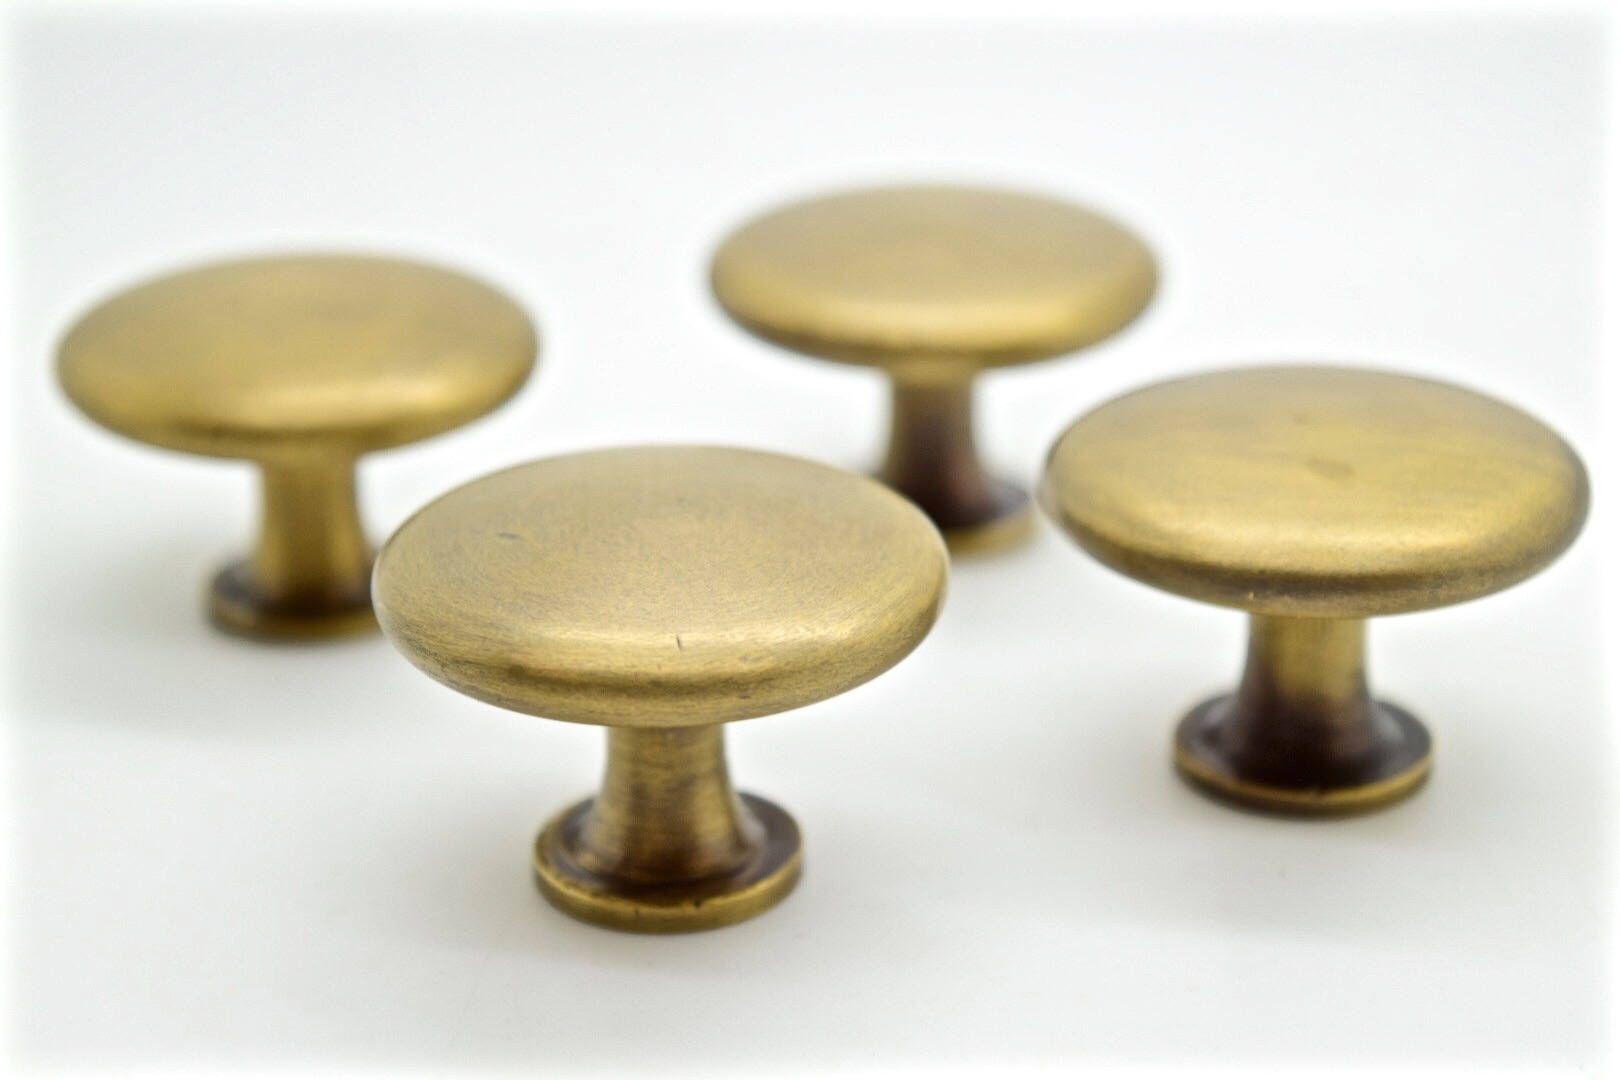 brass drawer knobs. Door knobs pulls. Cupboard door knob. Drawer ...